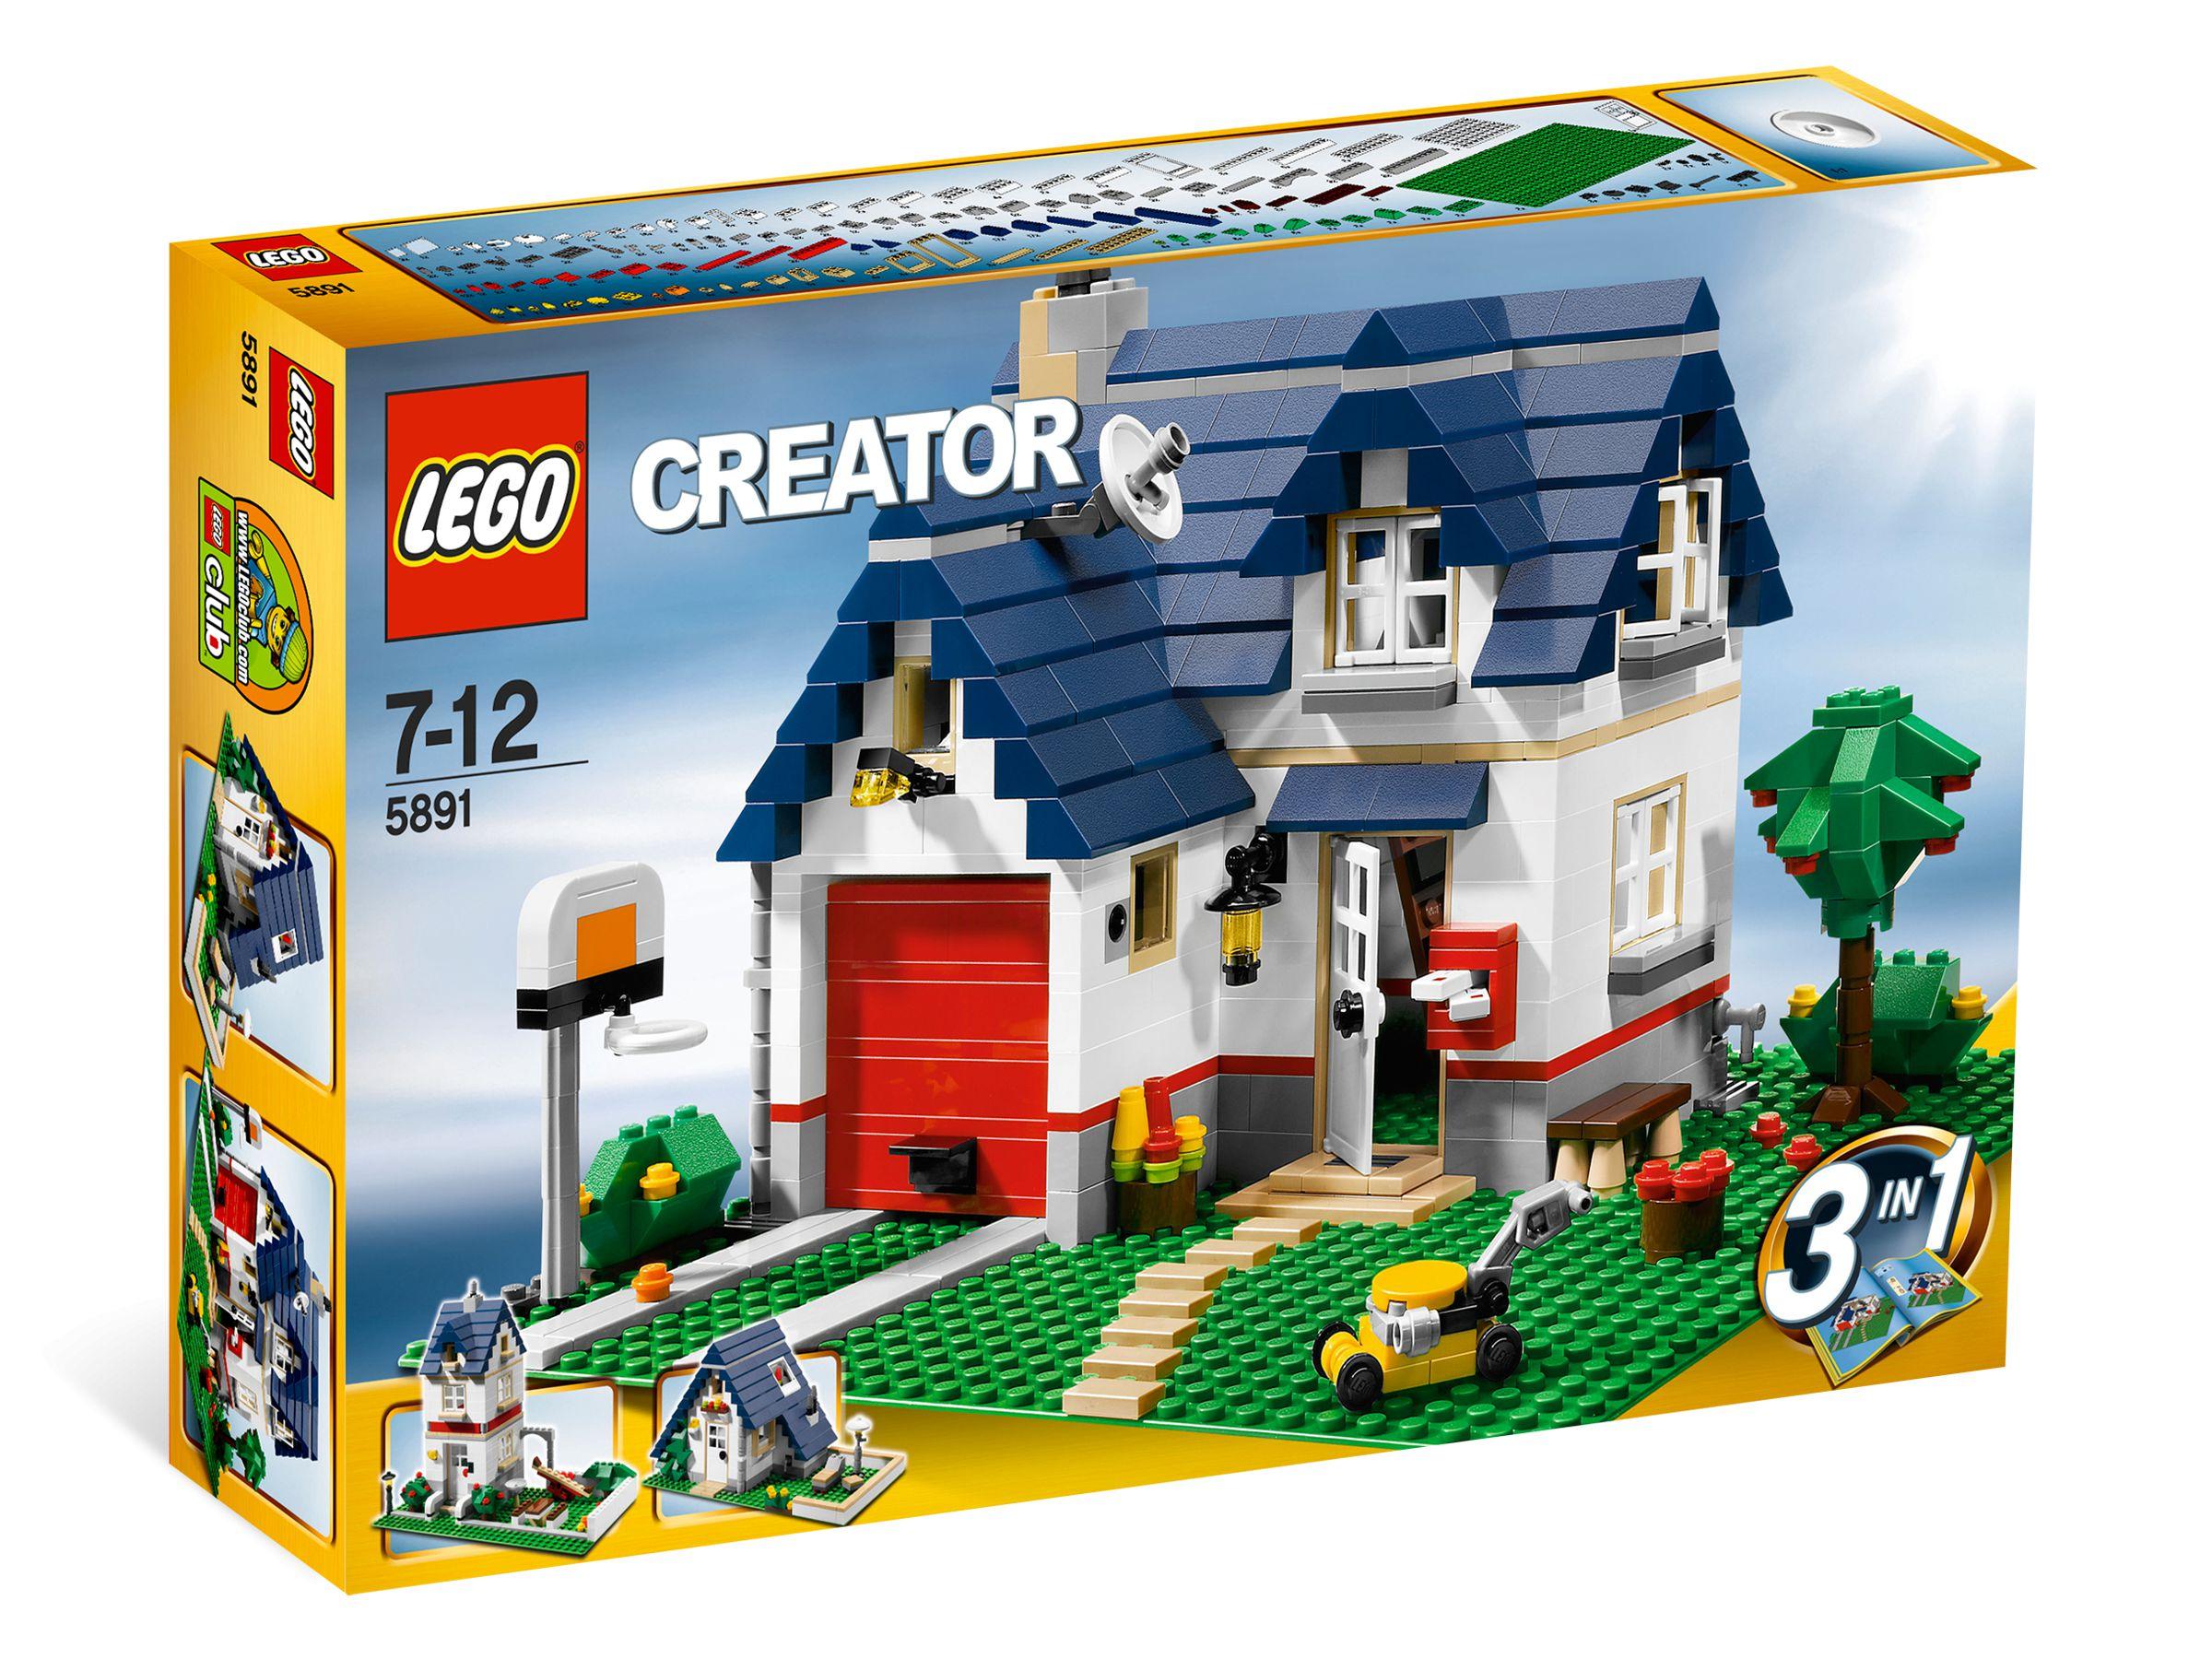 LEGO Creator 5891 Haus mit Garage brickmerge Preisvergleich